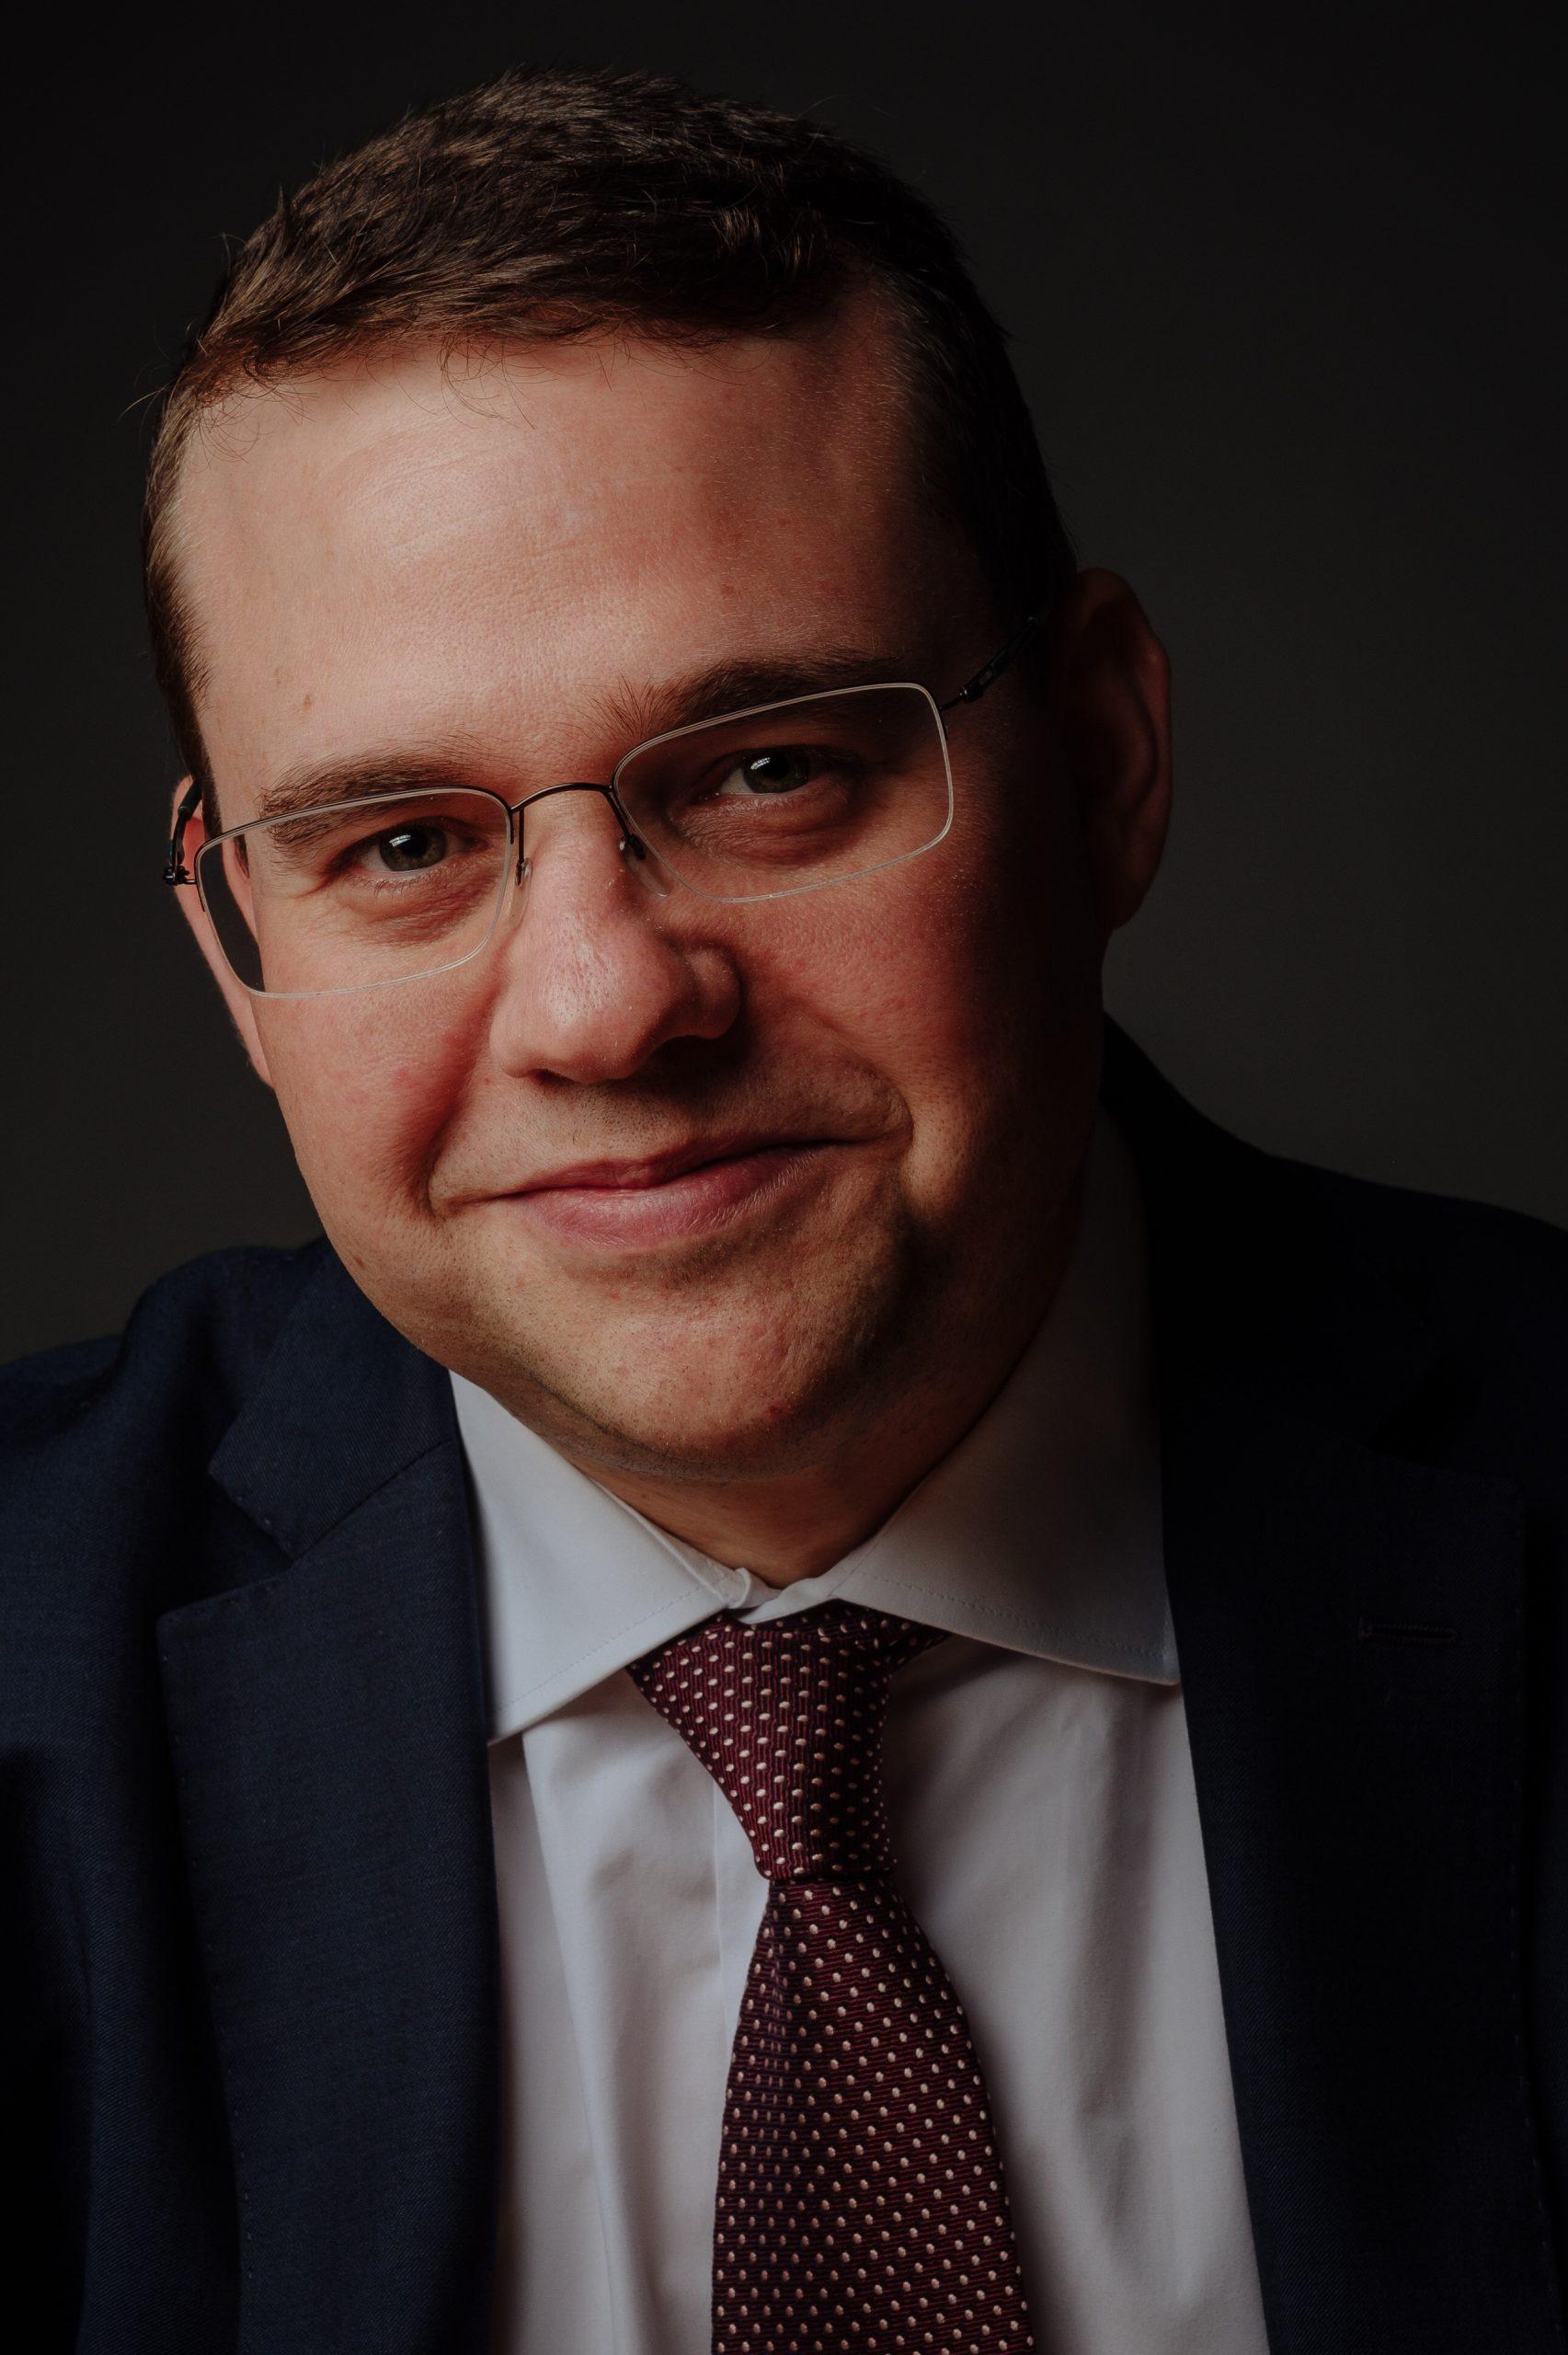 David Beker, chefe de economia e estratégia do Bank of America no Brasil